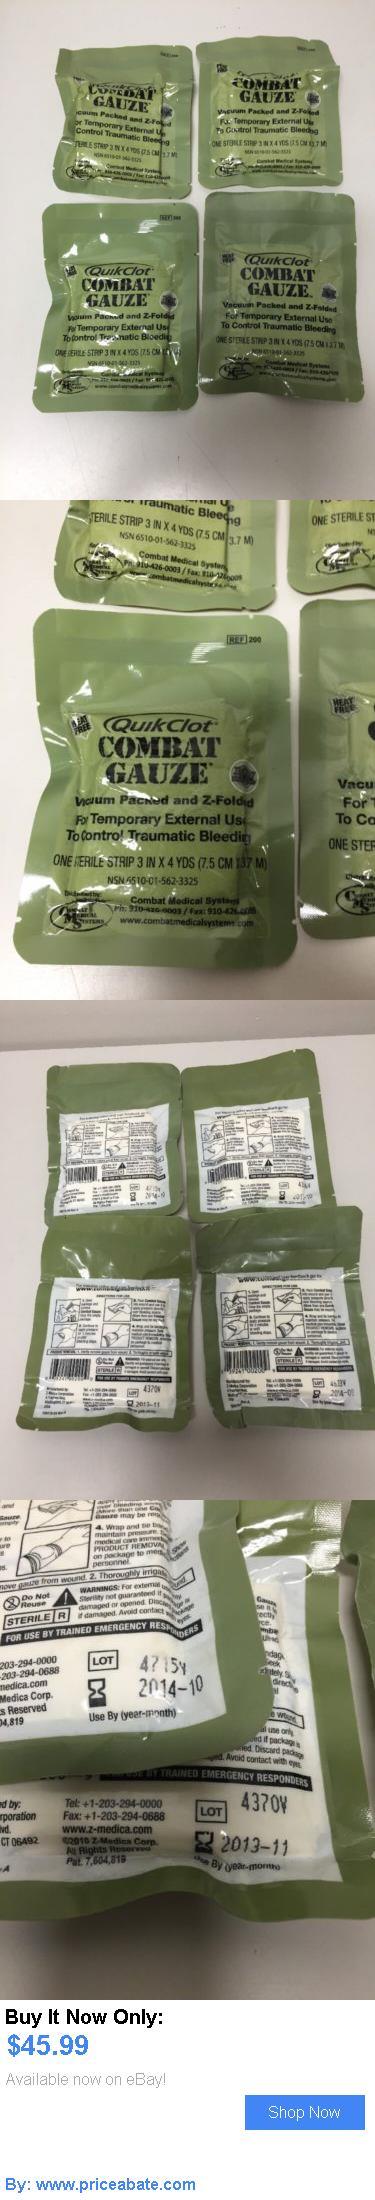 collectibles: Usmc Medical Surplus Quikclot Combat Gauze Lot Of 4- 3 In.X 4 Yards/ BUY IT NOW ONLY: $45.99 #priceabatecollectibles OR #priceabate